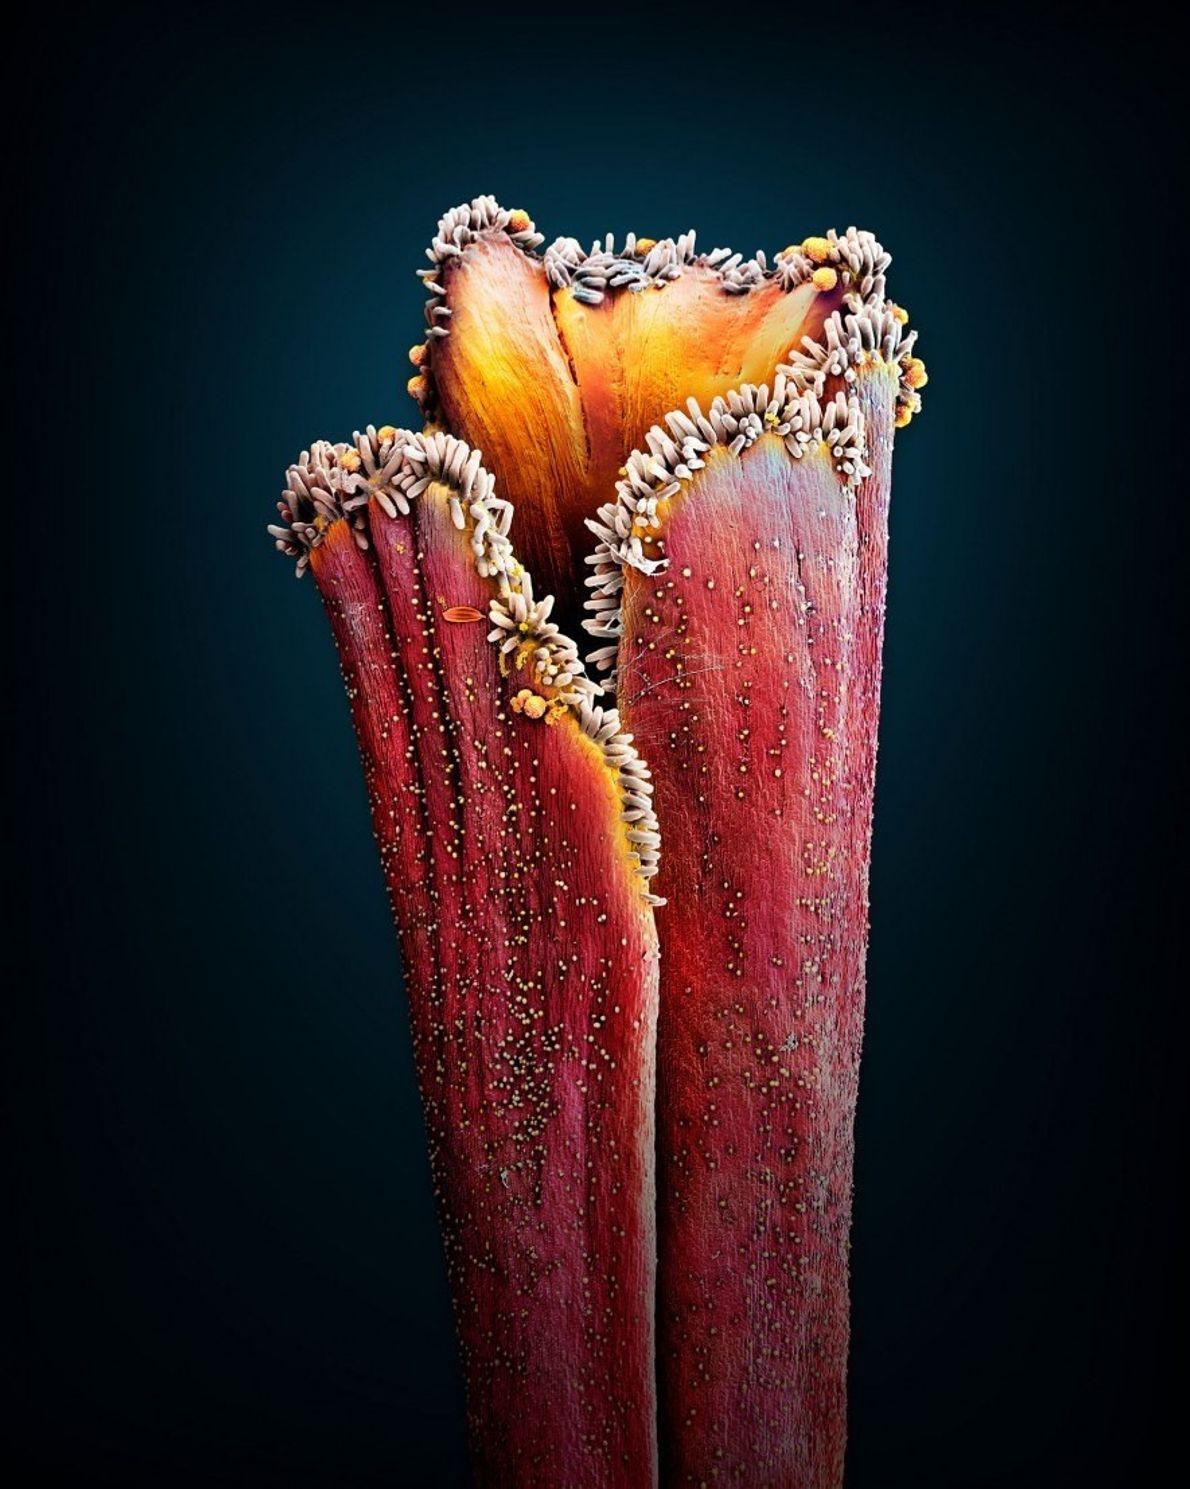 Azafrán (Crocus sativus): Unos 150 compuestos del estigma de la flor del Crocus sativus aportan al ...